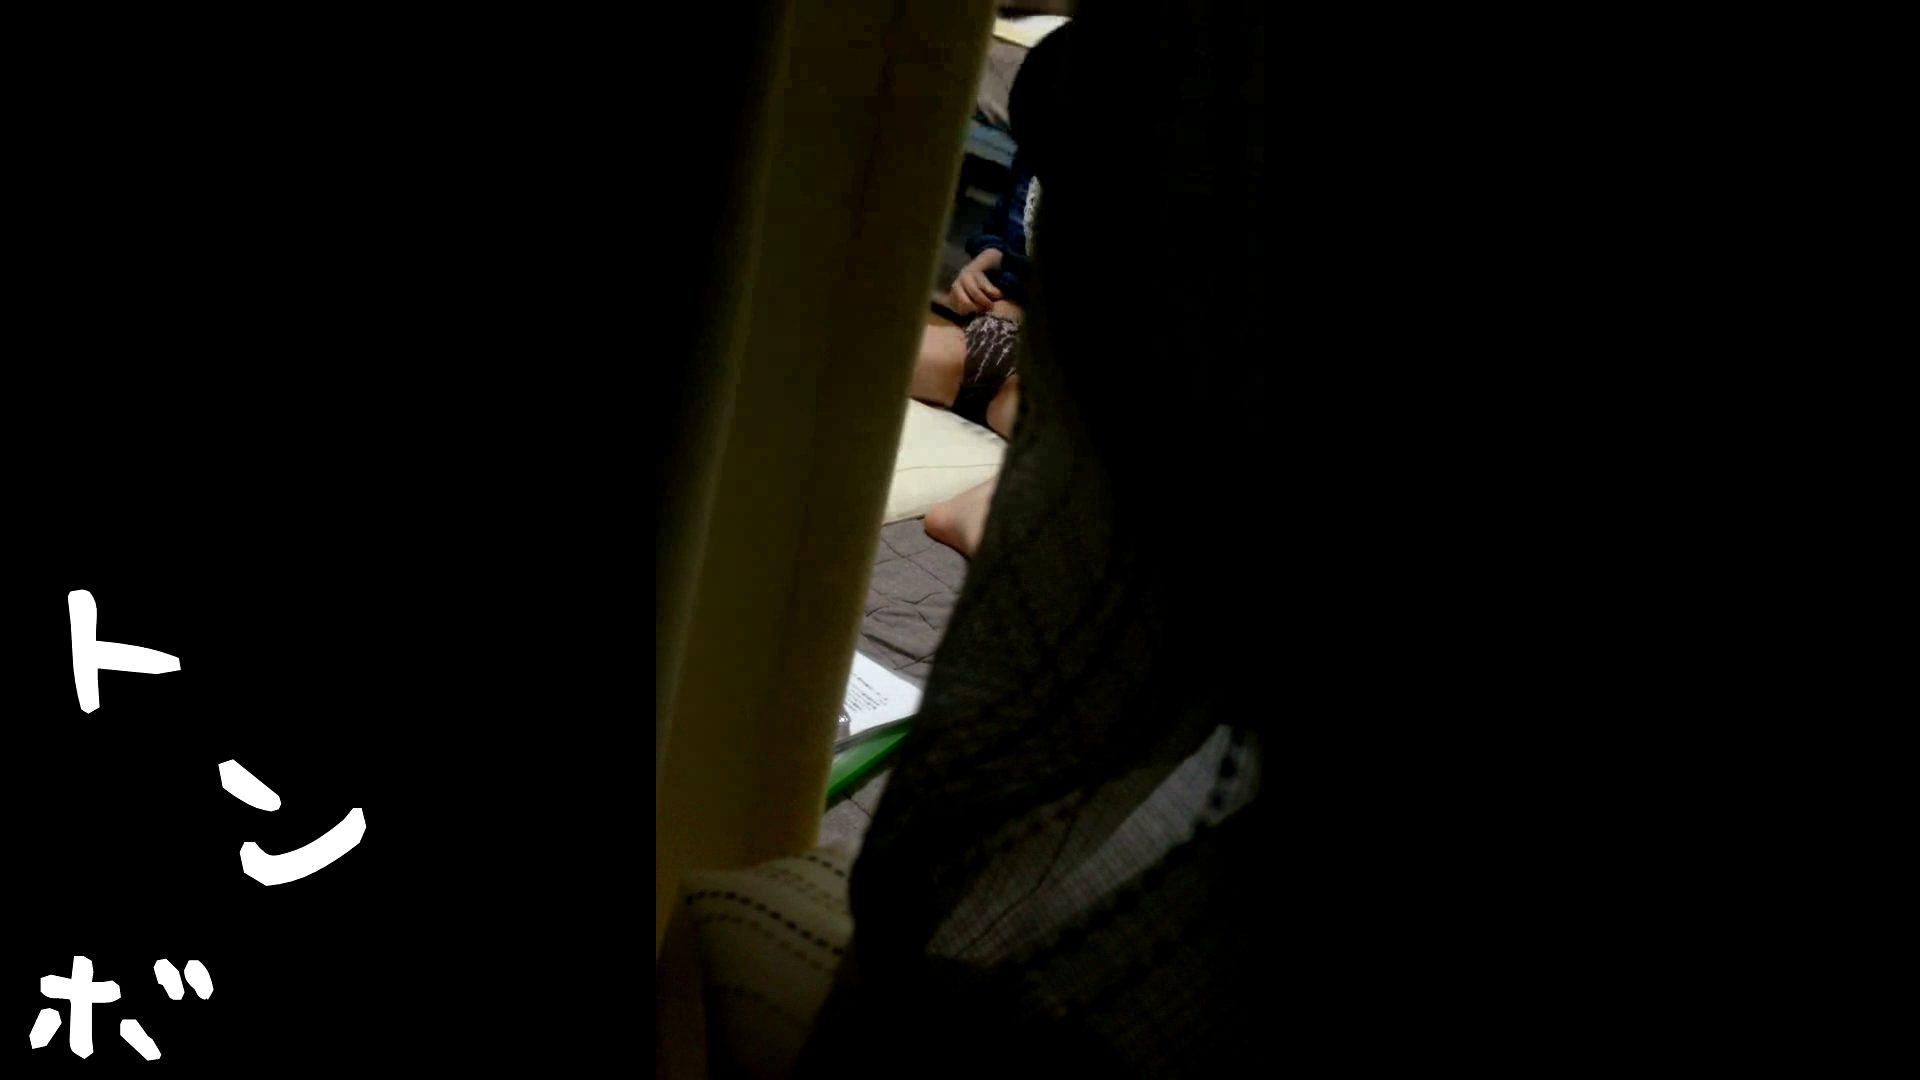 リアル盗撮 作家志望J子 アソコのお手入れ最中に感じてパンツを湿らす 盗撮  105pic 85